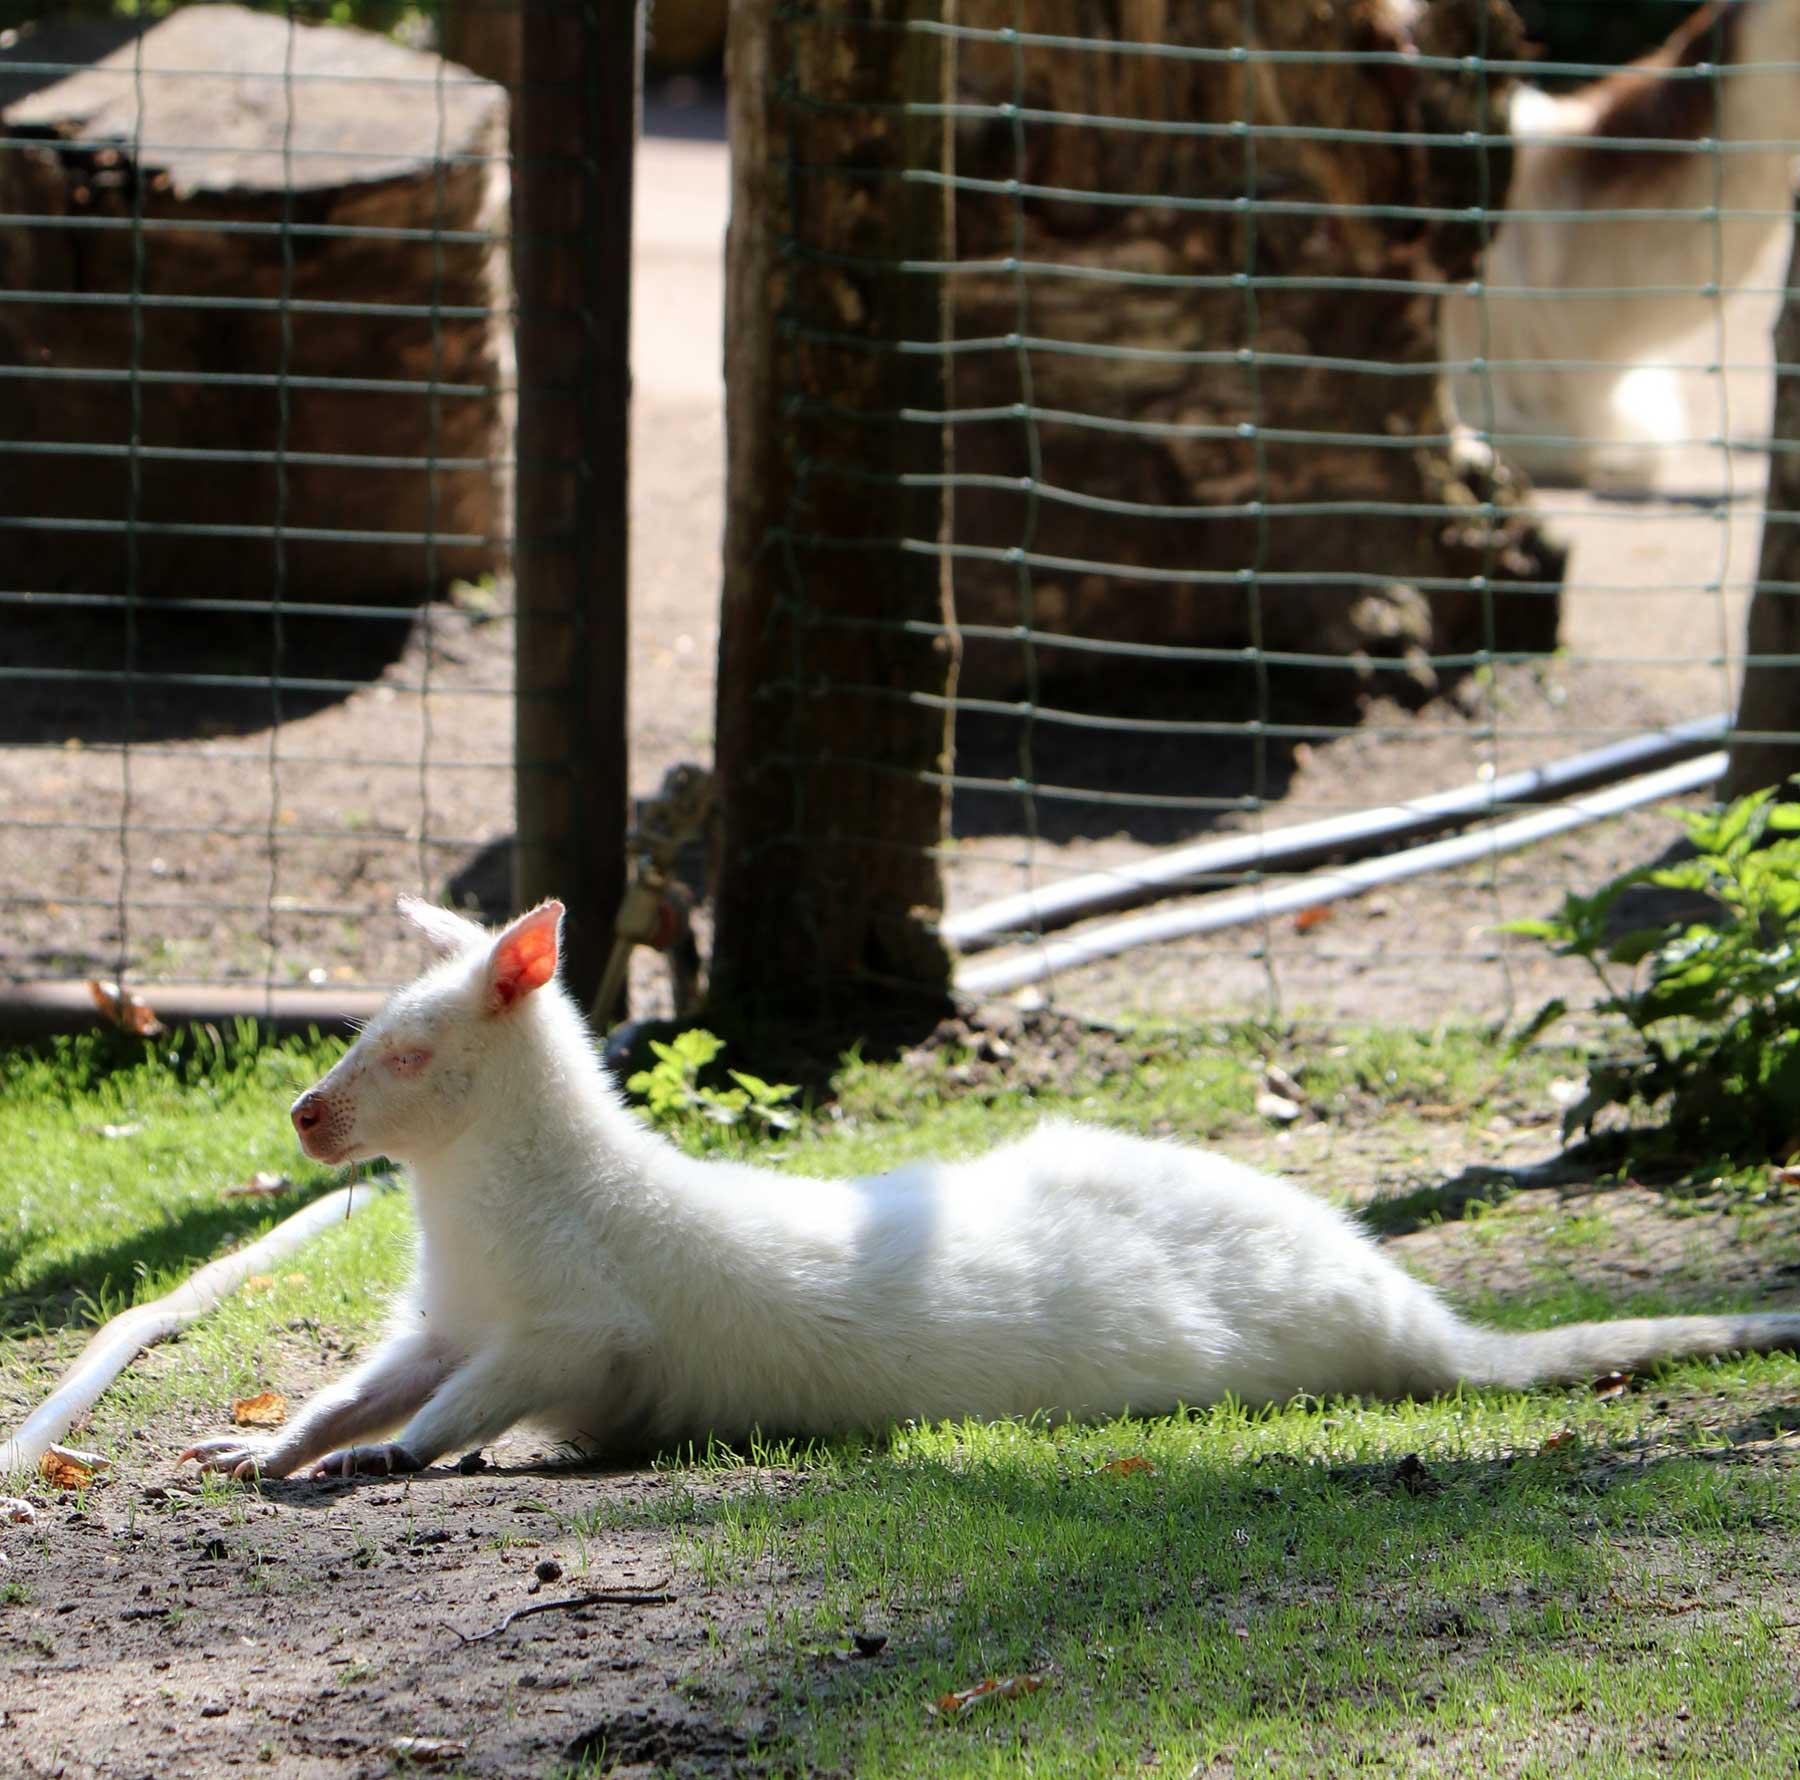 Bilder vom Besuch im Zoologischen Garten Eberswalde Zoologischer-garten-eberswalde-Besuch_24